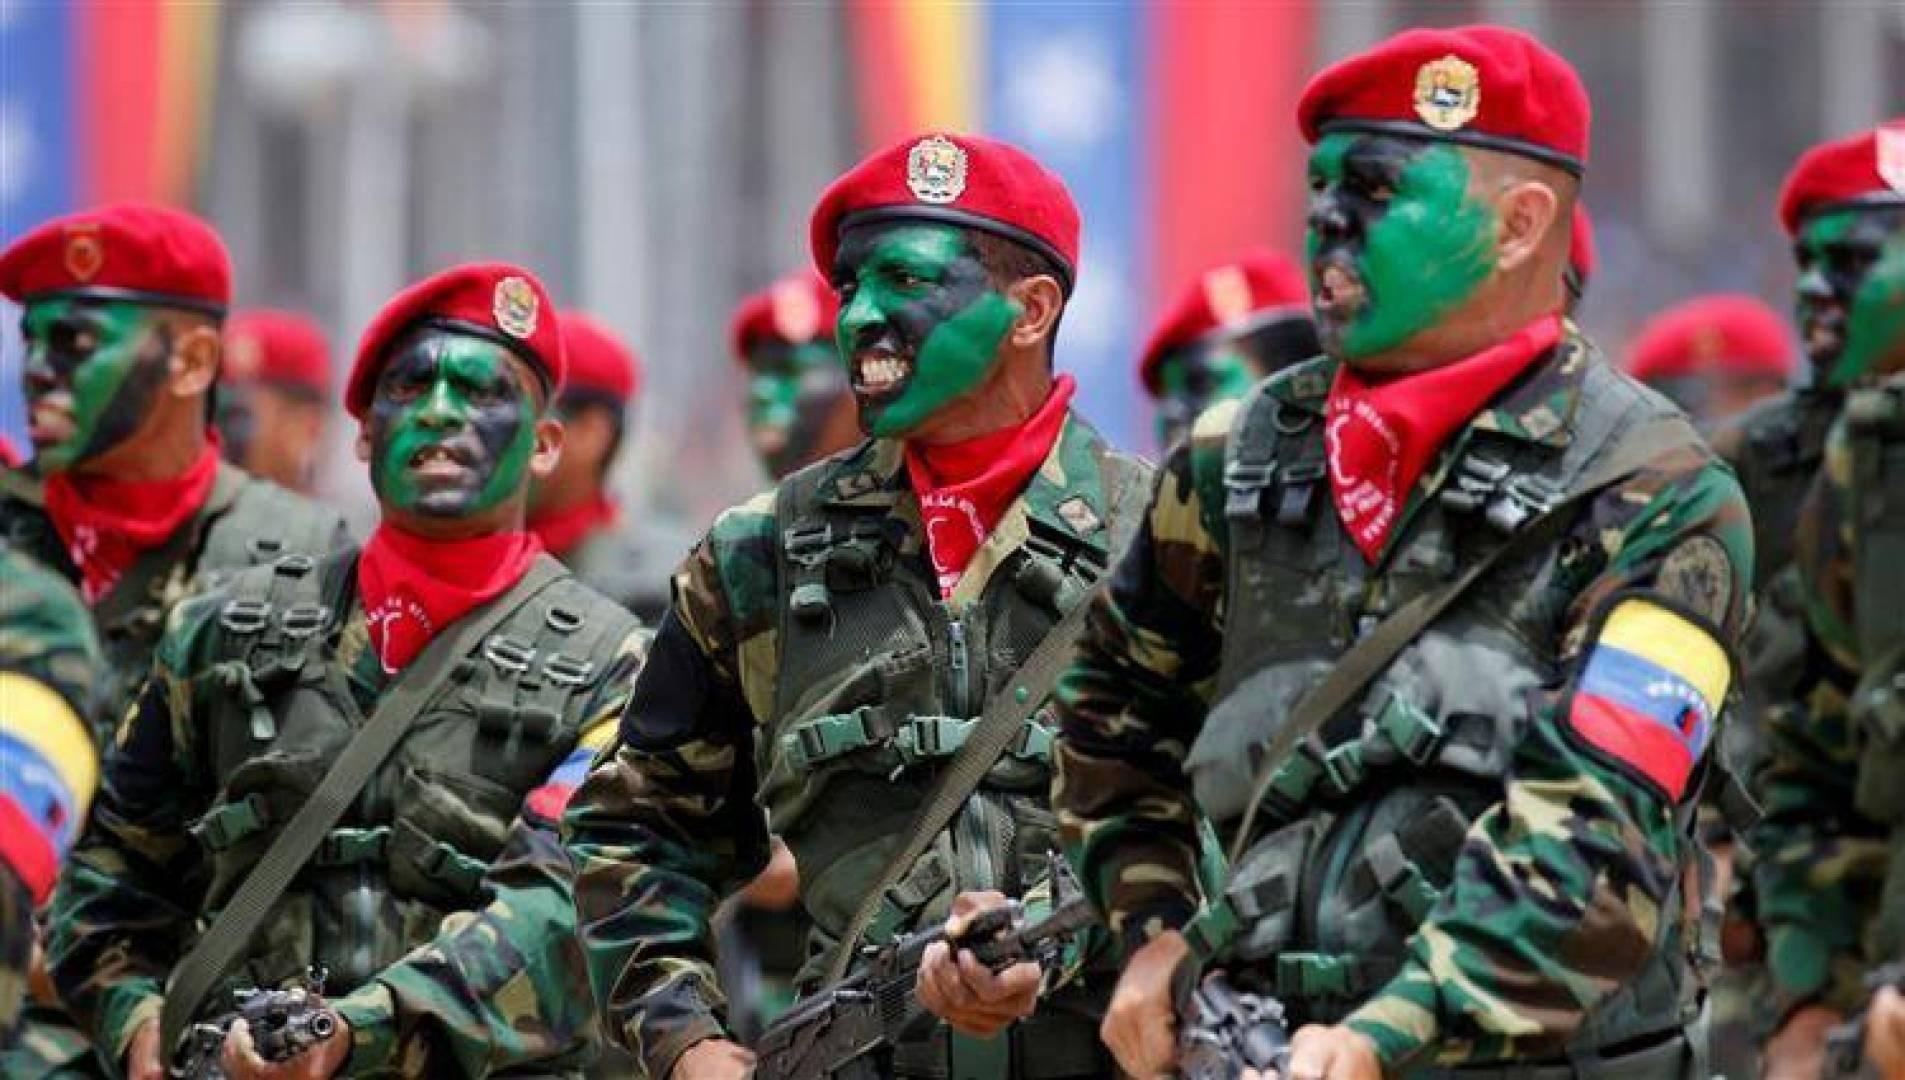 فنزويلا تستعد لبدء تدريبات عسكرية عند الحدود مع كولومبيا